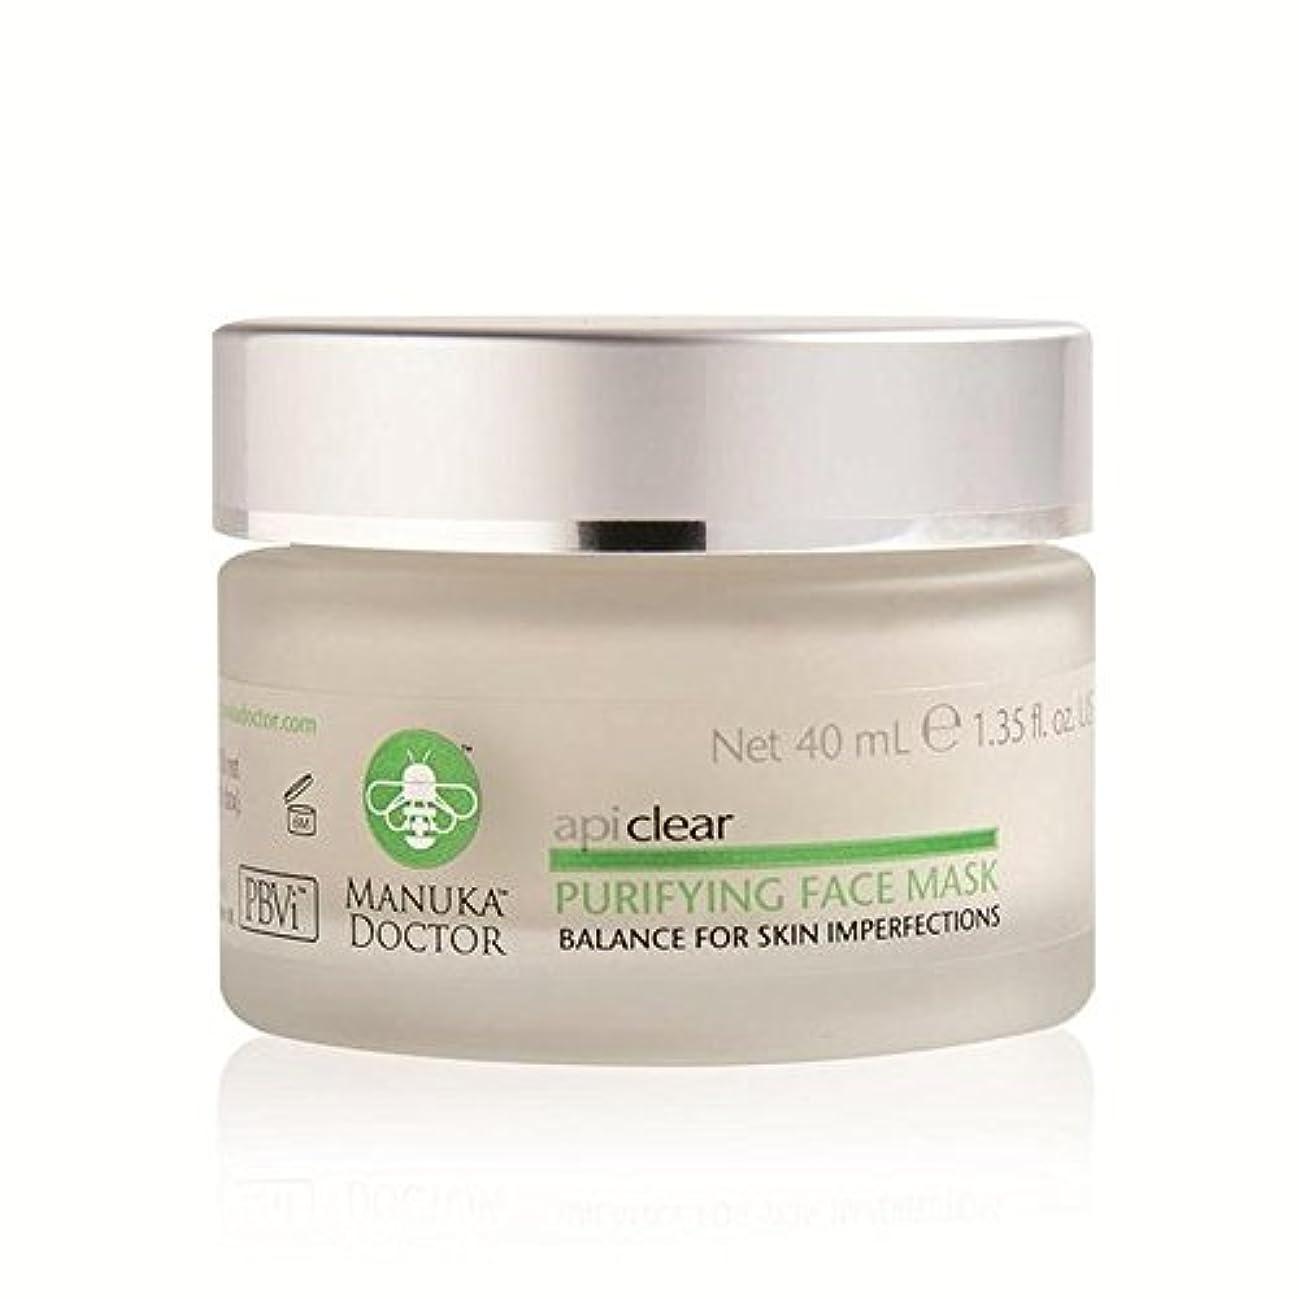 ガロンスーパーマーケット保全Manuka Doctor Api Clear Purifying Face Mask 40ml - マヌカドクター明確な浄化フェイスマスク40ミリリットル [並行輸入品]